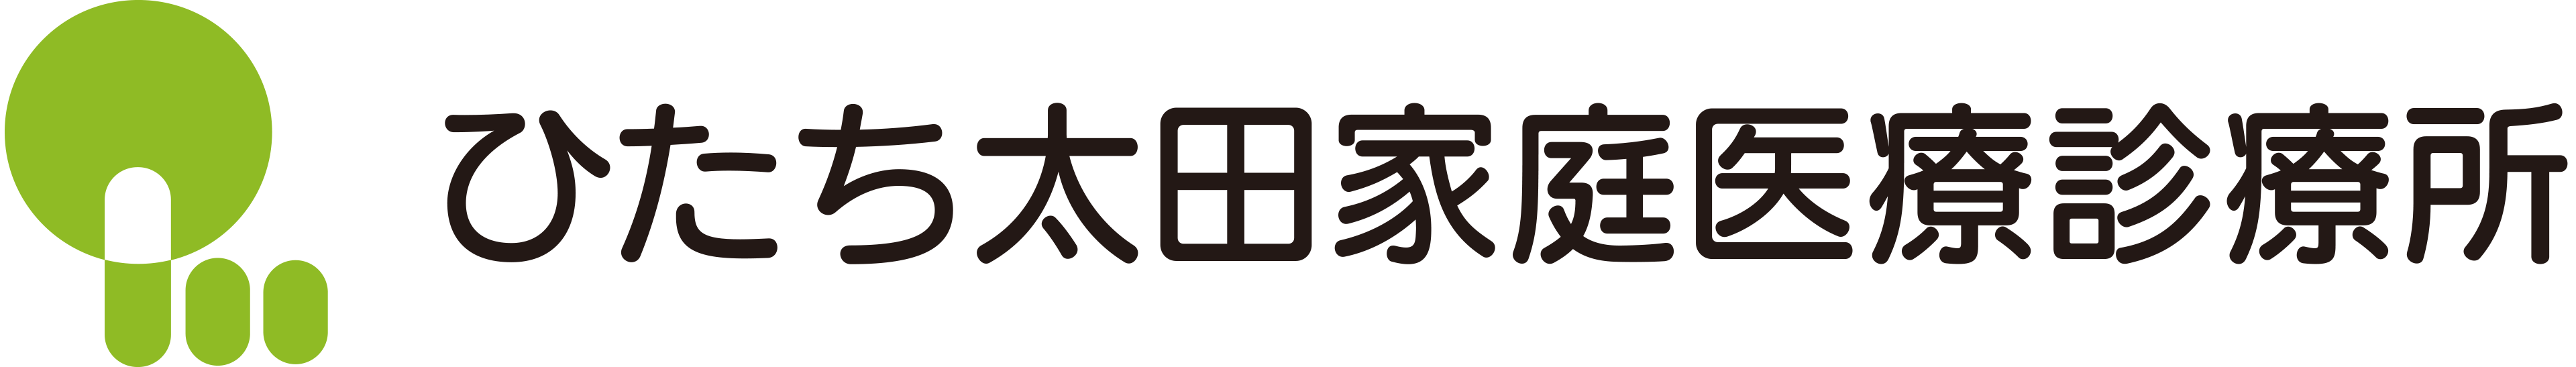 医療法人大森医院 ひたち太田家庭医療診療所